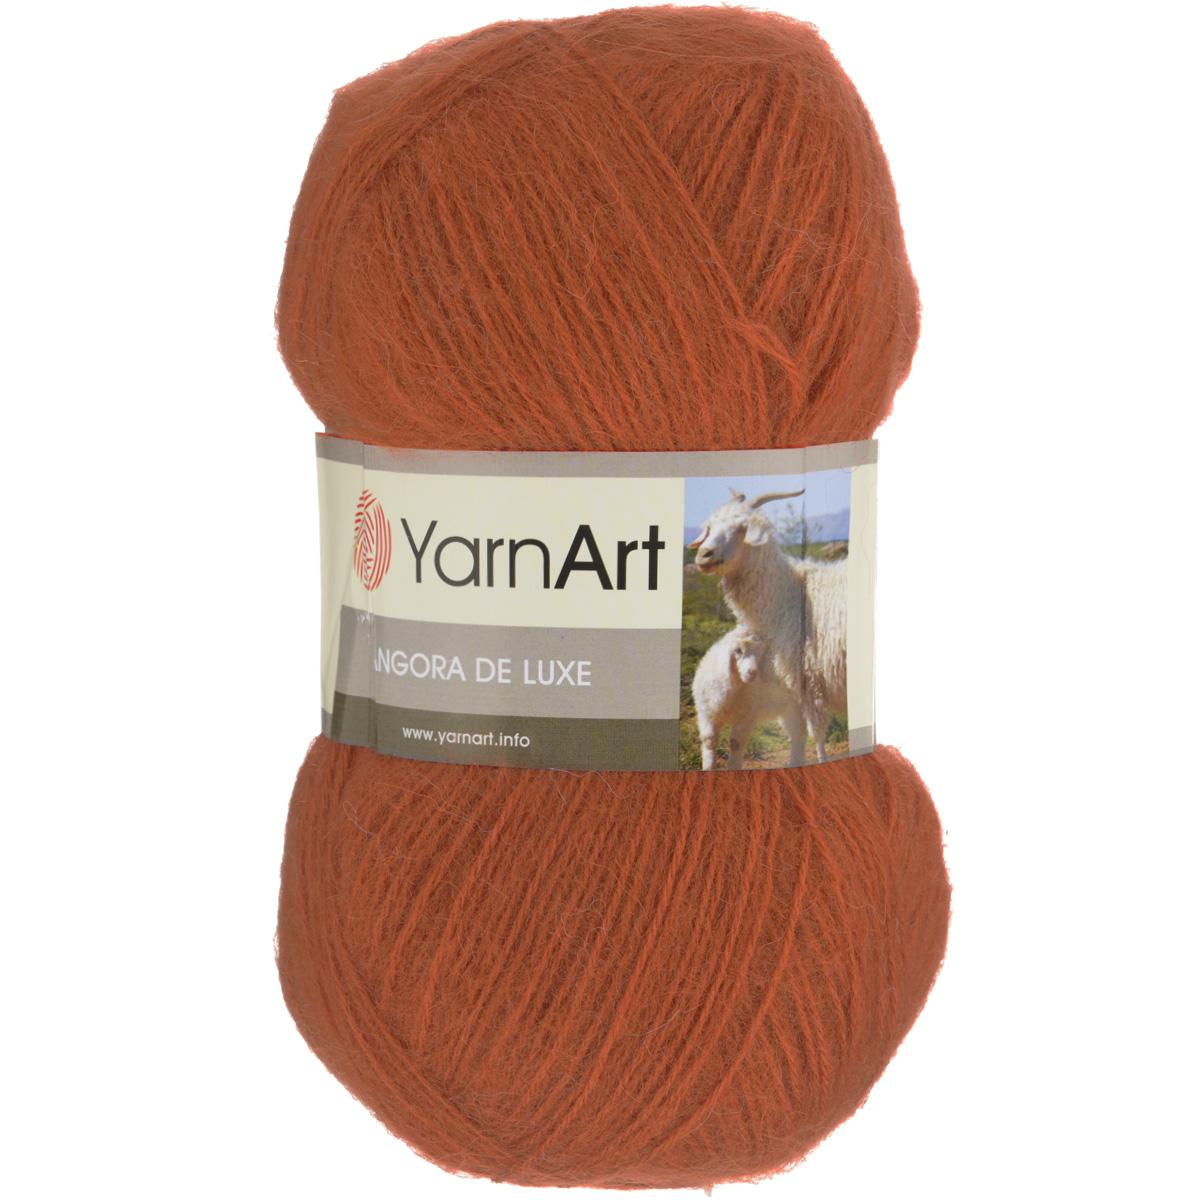 Пряжа для вязания YarnArt Angora De Luxe, цвет: терракотовый (3027), 520 м, 100 г, 5 шт372063_3027Пряжа для вязания YarnArt Angora De Luxe, изготовленная из 70% мохера и 30% акрила, очень мягкая и приятная на ощупь. Пряжа не линяет, не расслаивается, не путается в процессе вязания. Плотная, равномерно скрученная нить эластичная, гибкая, не деформируется после распускания и может быть использована вновь. Петли ложатся аккуратно, изделие не вытягивается и не косит. Пряжа YarnArt Angora De Luxe - теплая, но очень легкая, идеально подходит для изготовления зимней одежды: жилеты, свитера, кофты, кардиганы. Головные уборы, шарфы, перчатки носятся хорошо, не колются, при бережном уходе не теряют свою форму и цвет долгое время. Акрил смягчает мохеровую нить, а также обеспечивает практичность и сохранение формы изделия. Рекомендована ручная стирка до 30°C . Подходит для вязания на крючках 3,5 мм и спицах 3 мм. Толщина нити: 1 мм. Состав: 70% мохер, 30% акрил. В настоящее время вязание плотно вошло в нашу жизнь, причем не...